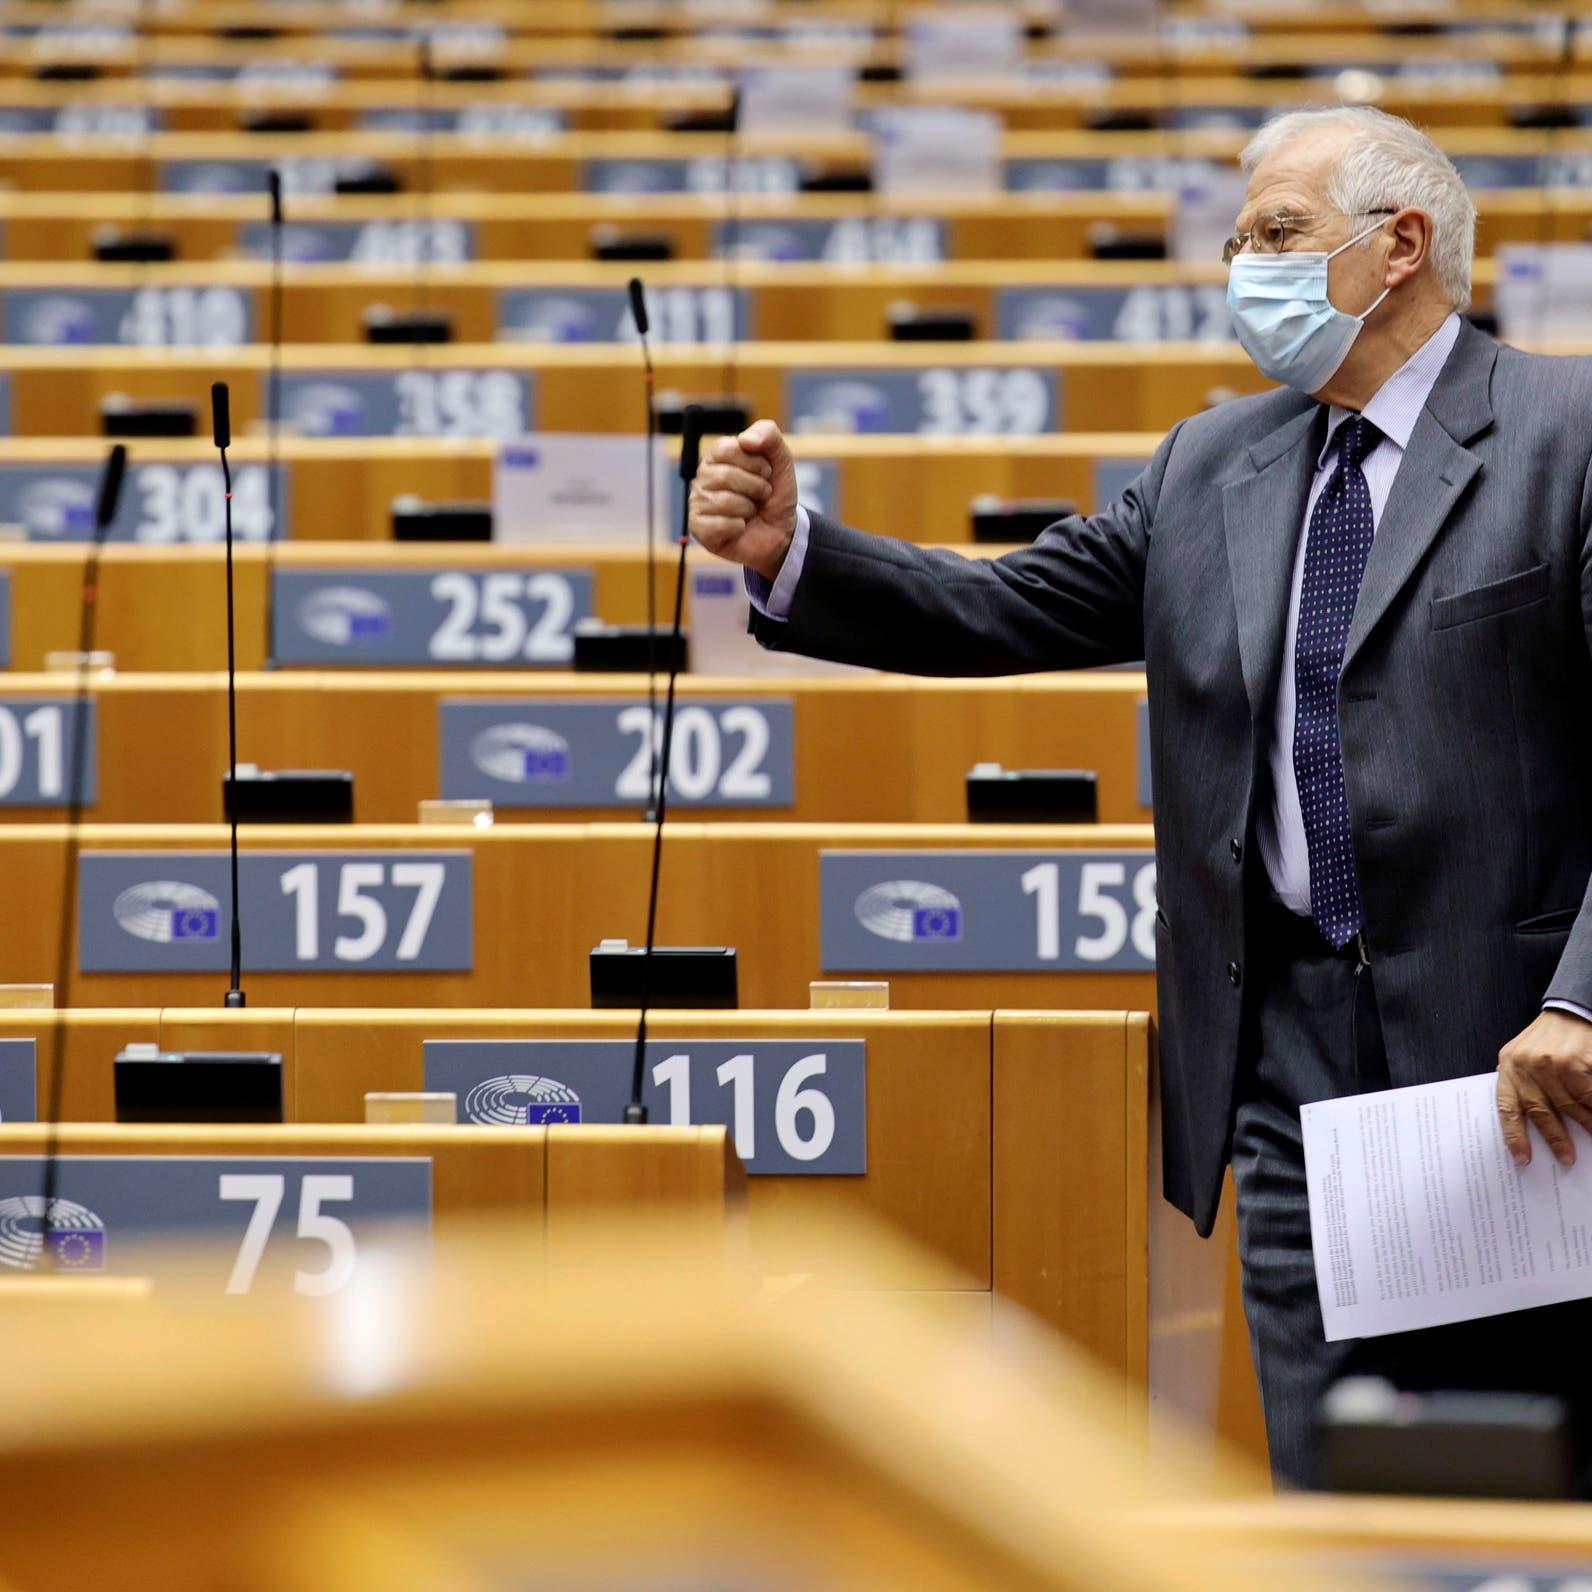 عقوبات مقبلة على تركيا.. قد تشمل شخصيات نافذة وأرصدة